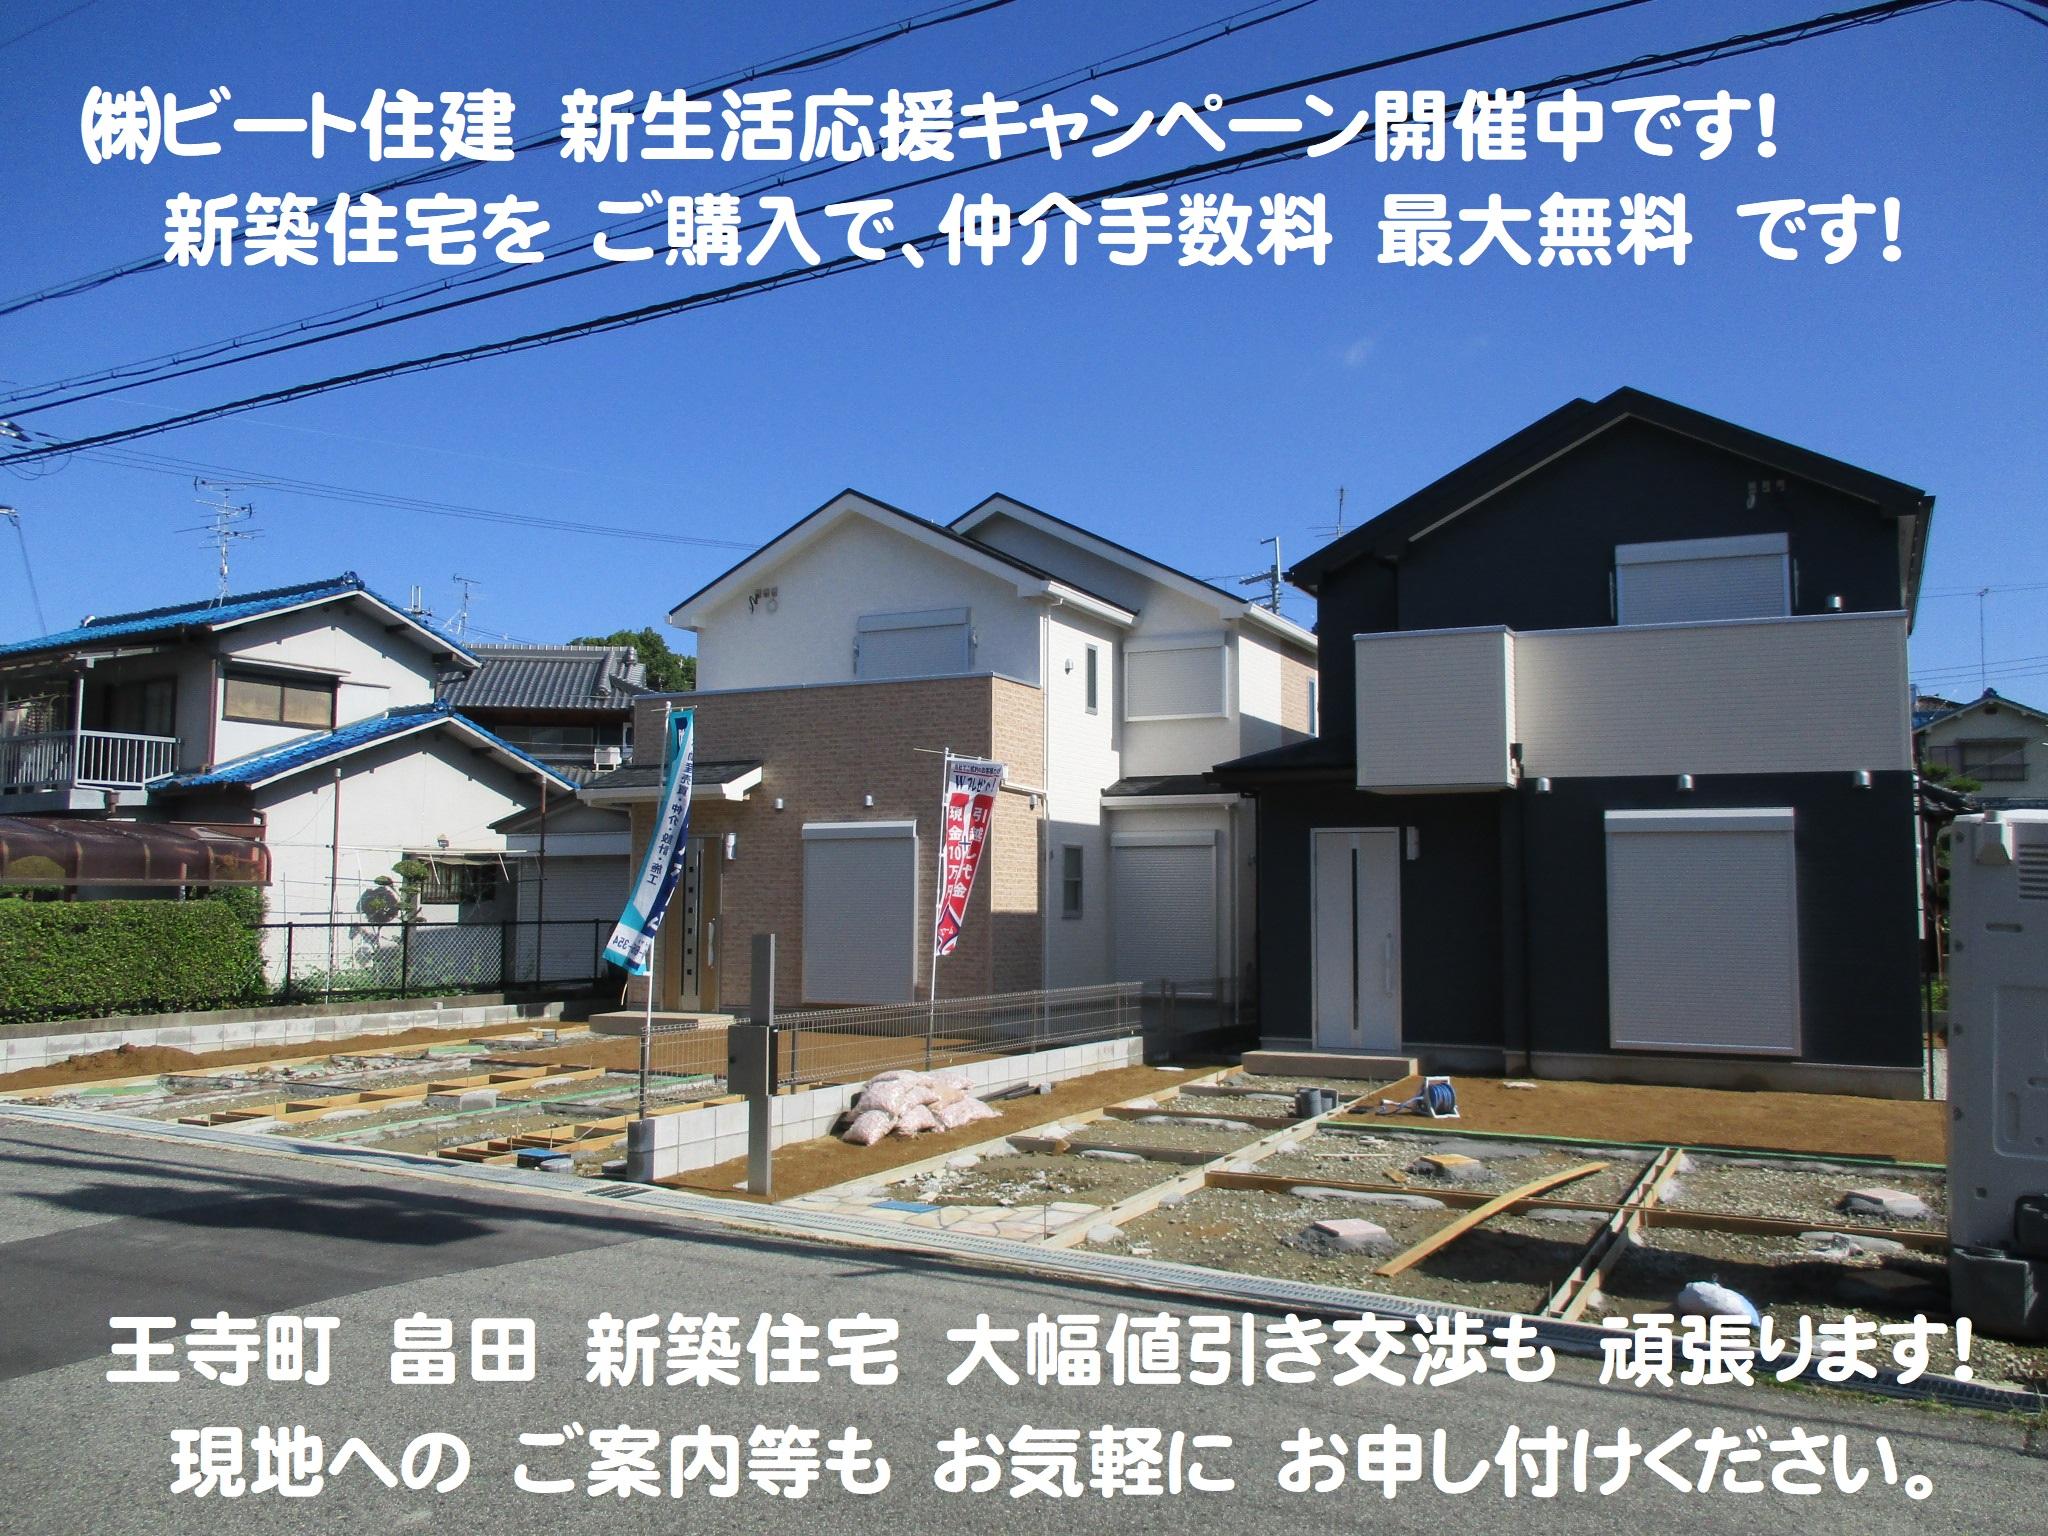 王寺町 畠田 新築 建物 飯田グループ アイディホーム  ご購入で、仲介手数料 最大無料です。